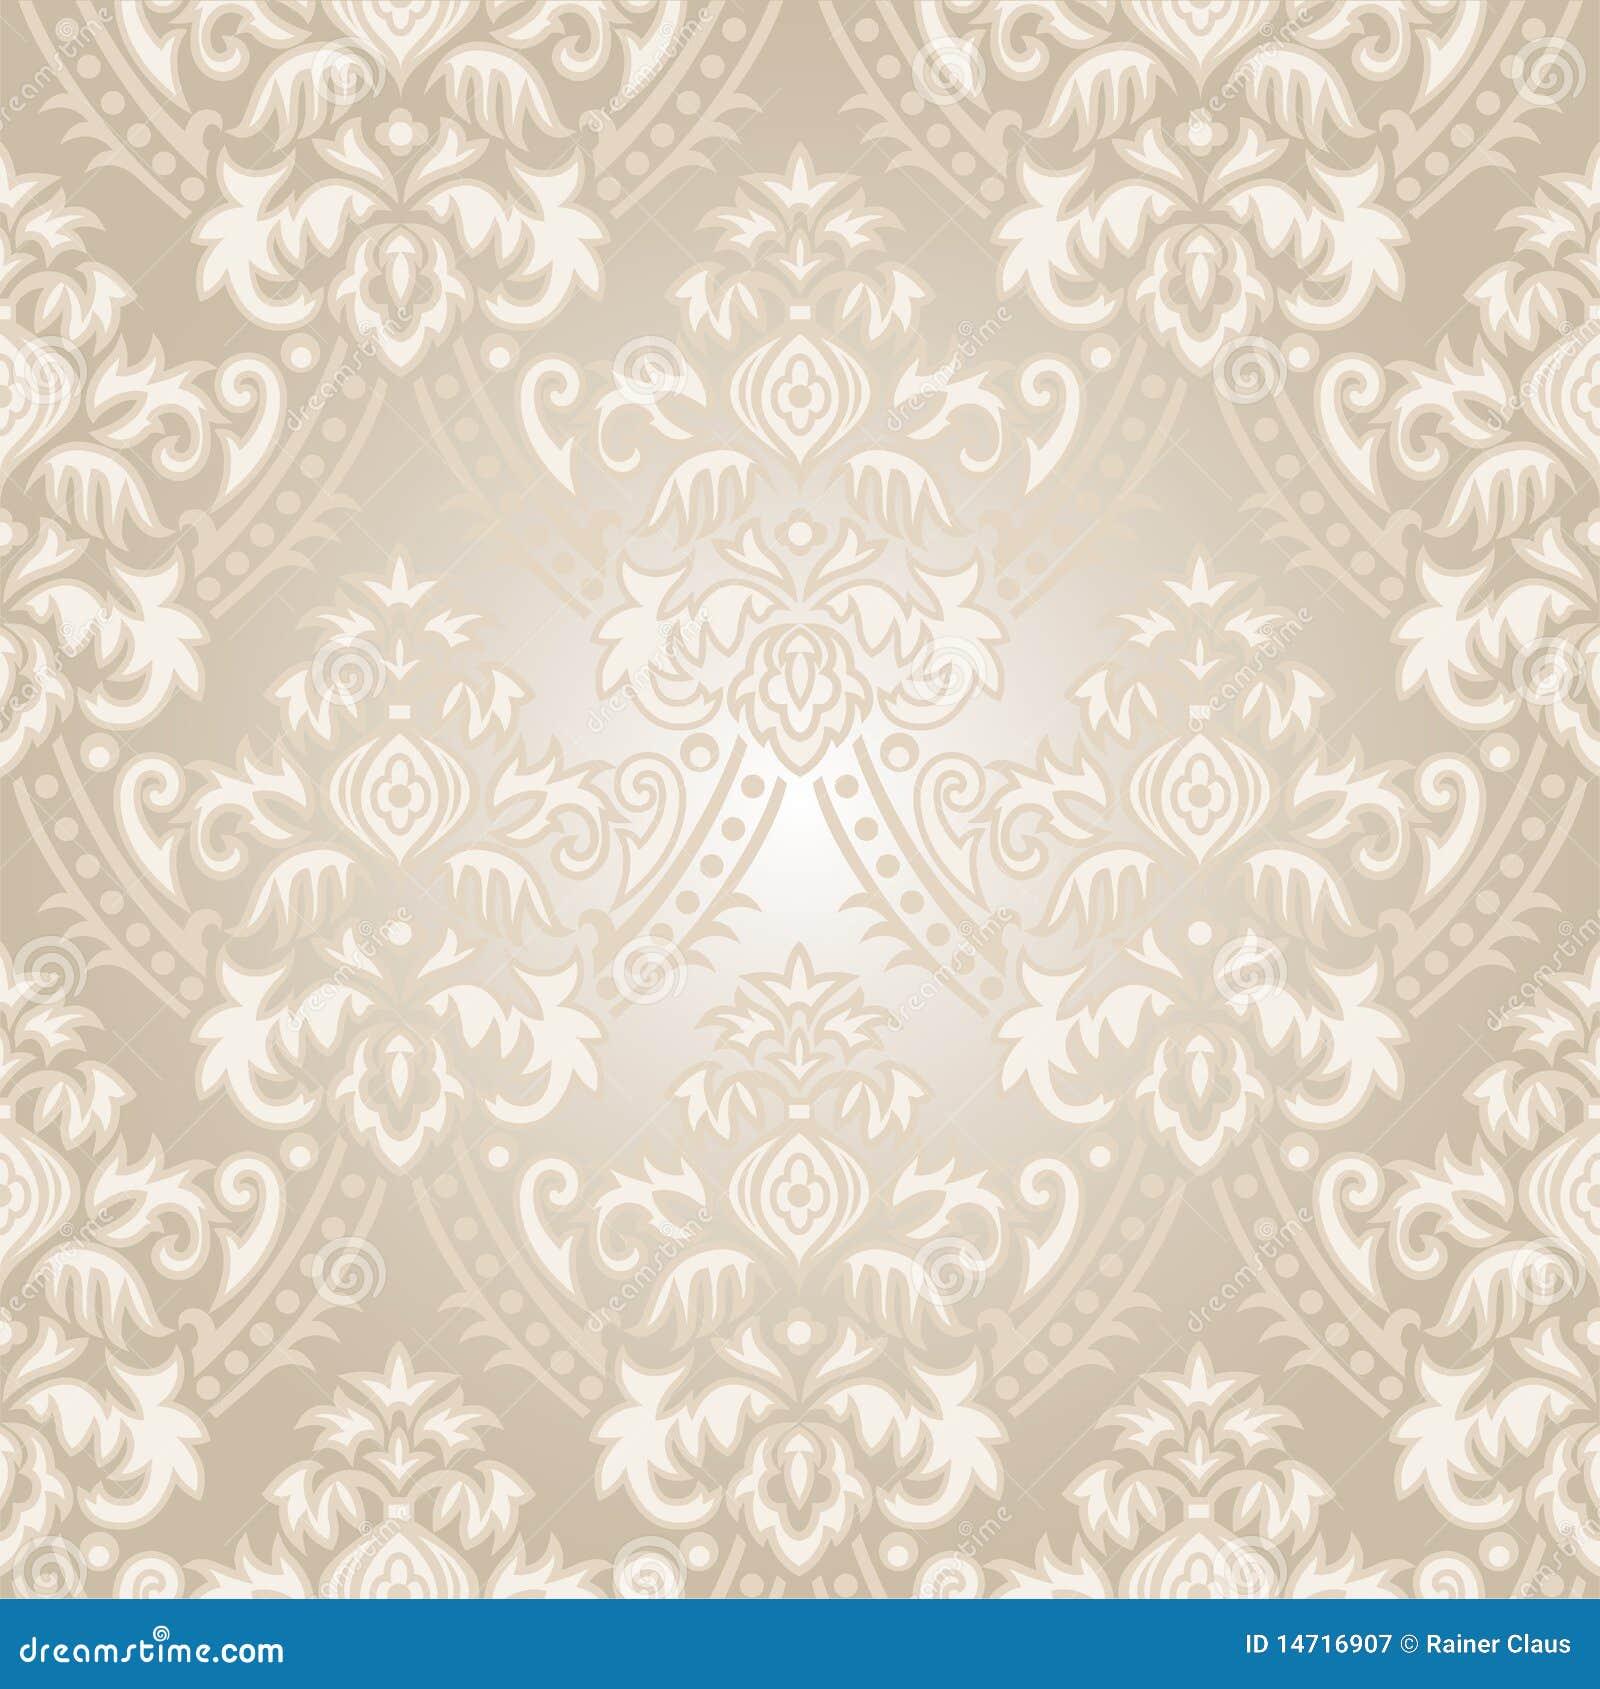 papier peint rayures rouge et beige saint etienne devis chantier demolition soci t rjrw. Black Bedroom Furniture Sets. Home Design Ideas